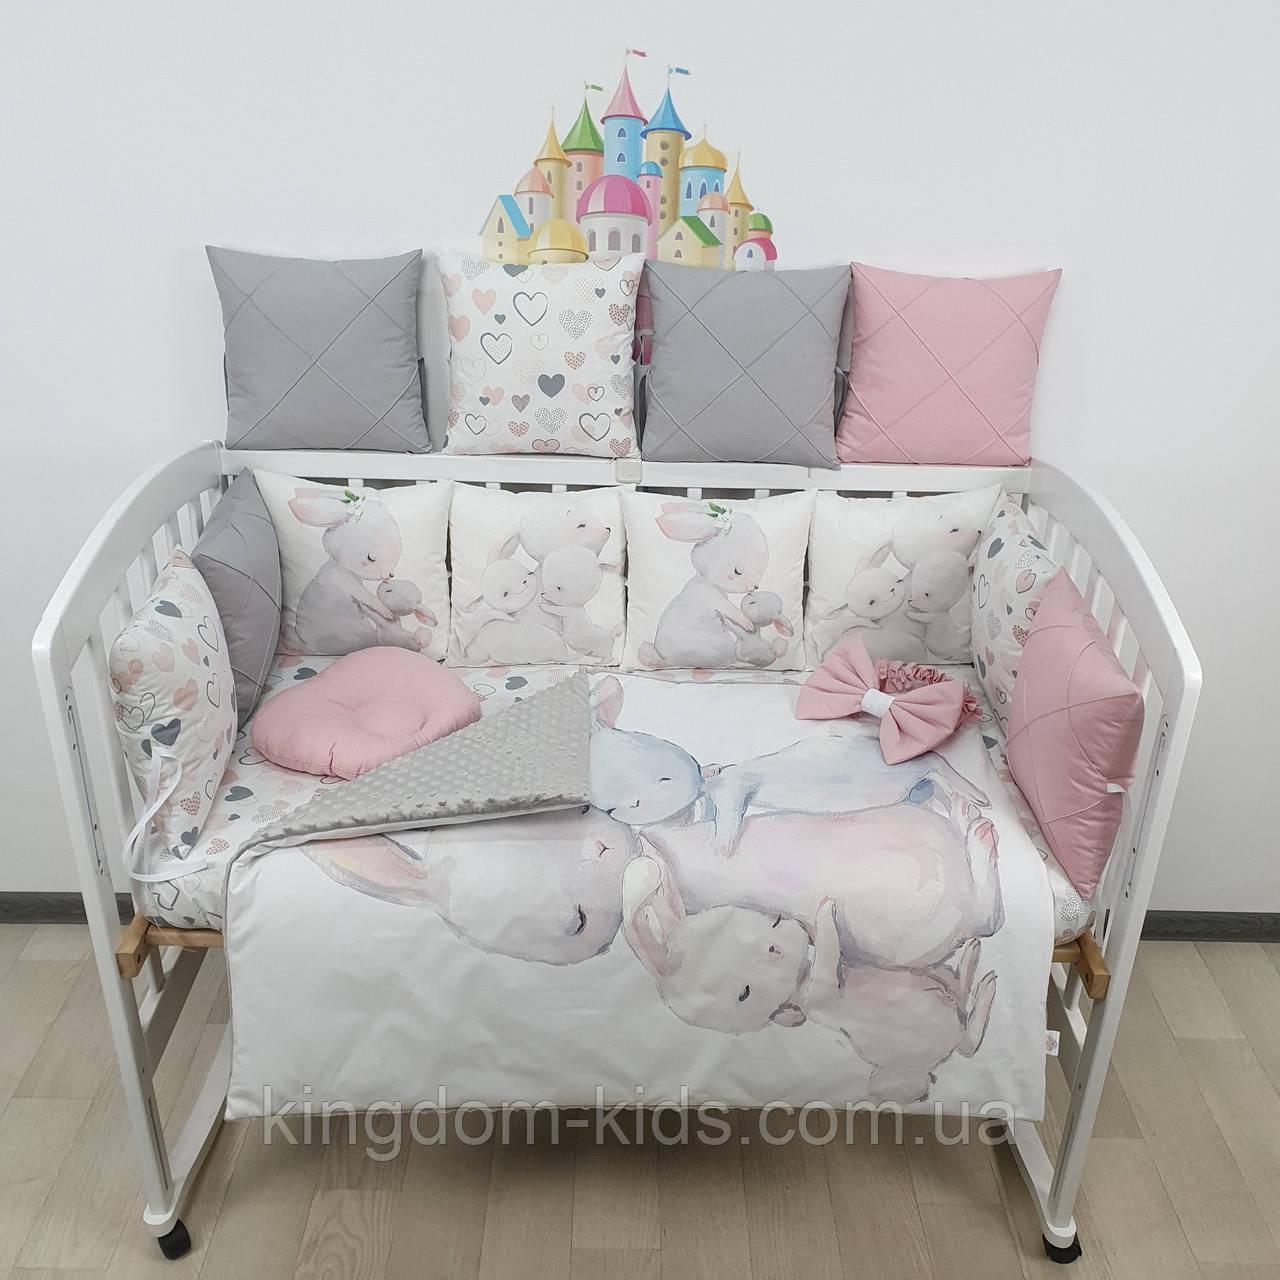 """Комплект бортиков и постельного в кроватку """"Зайки с мамой"""" в пудрово-серых тонах"""